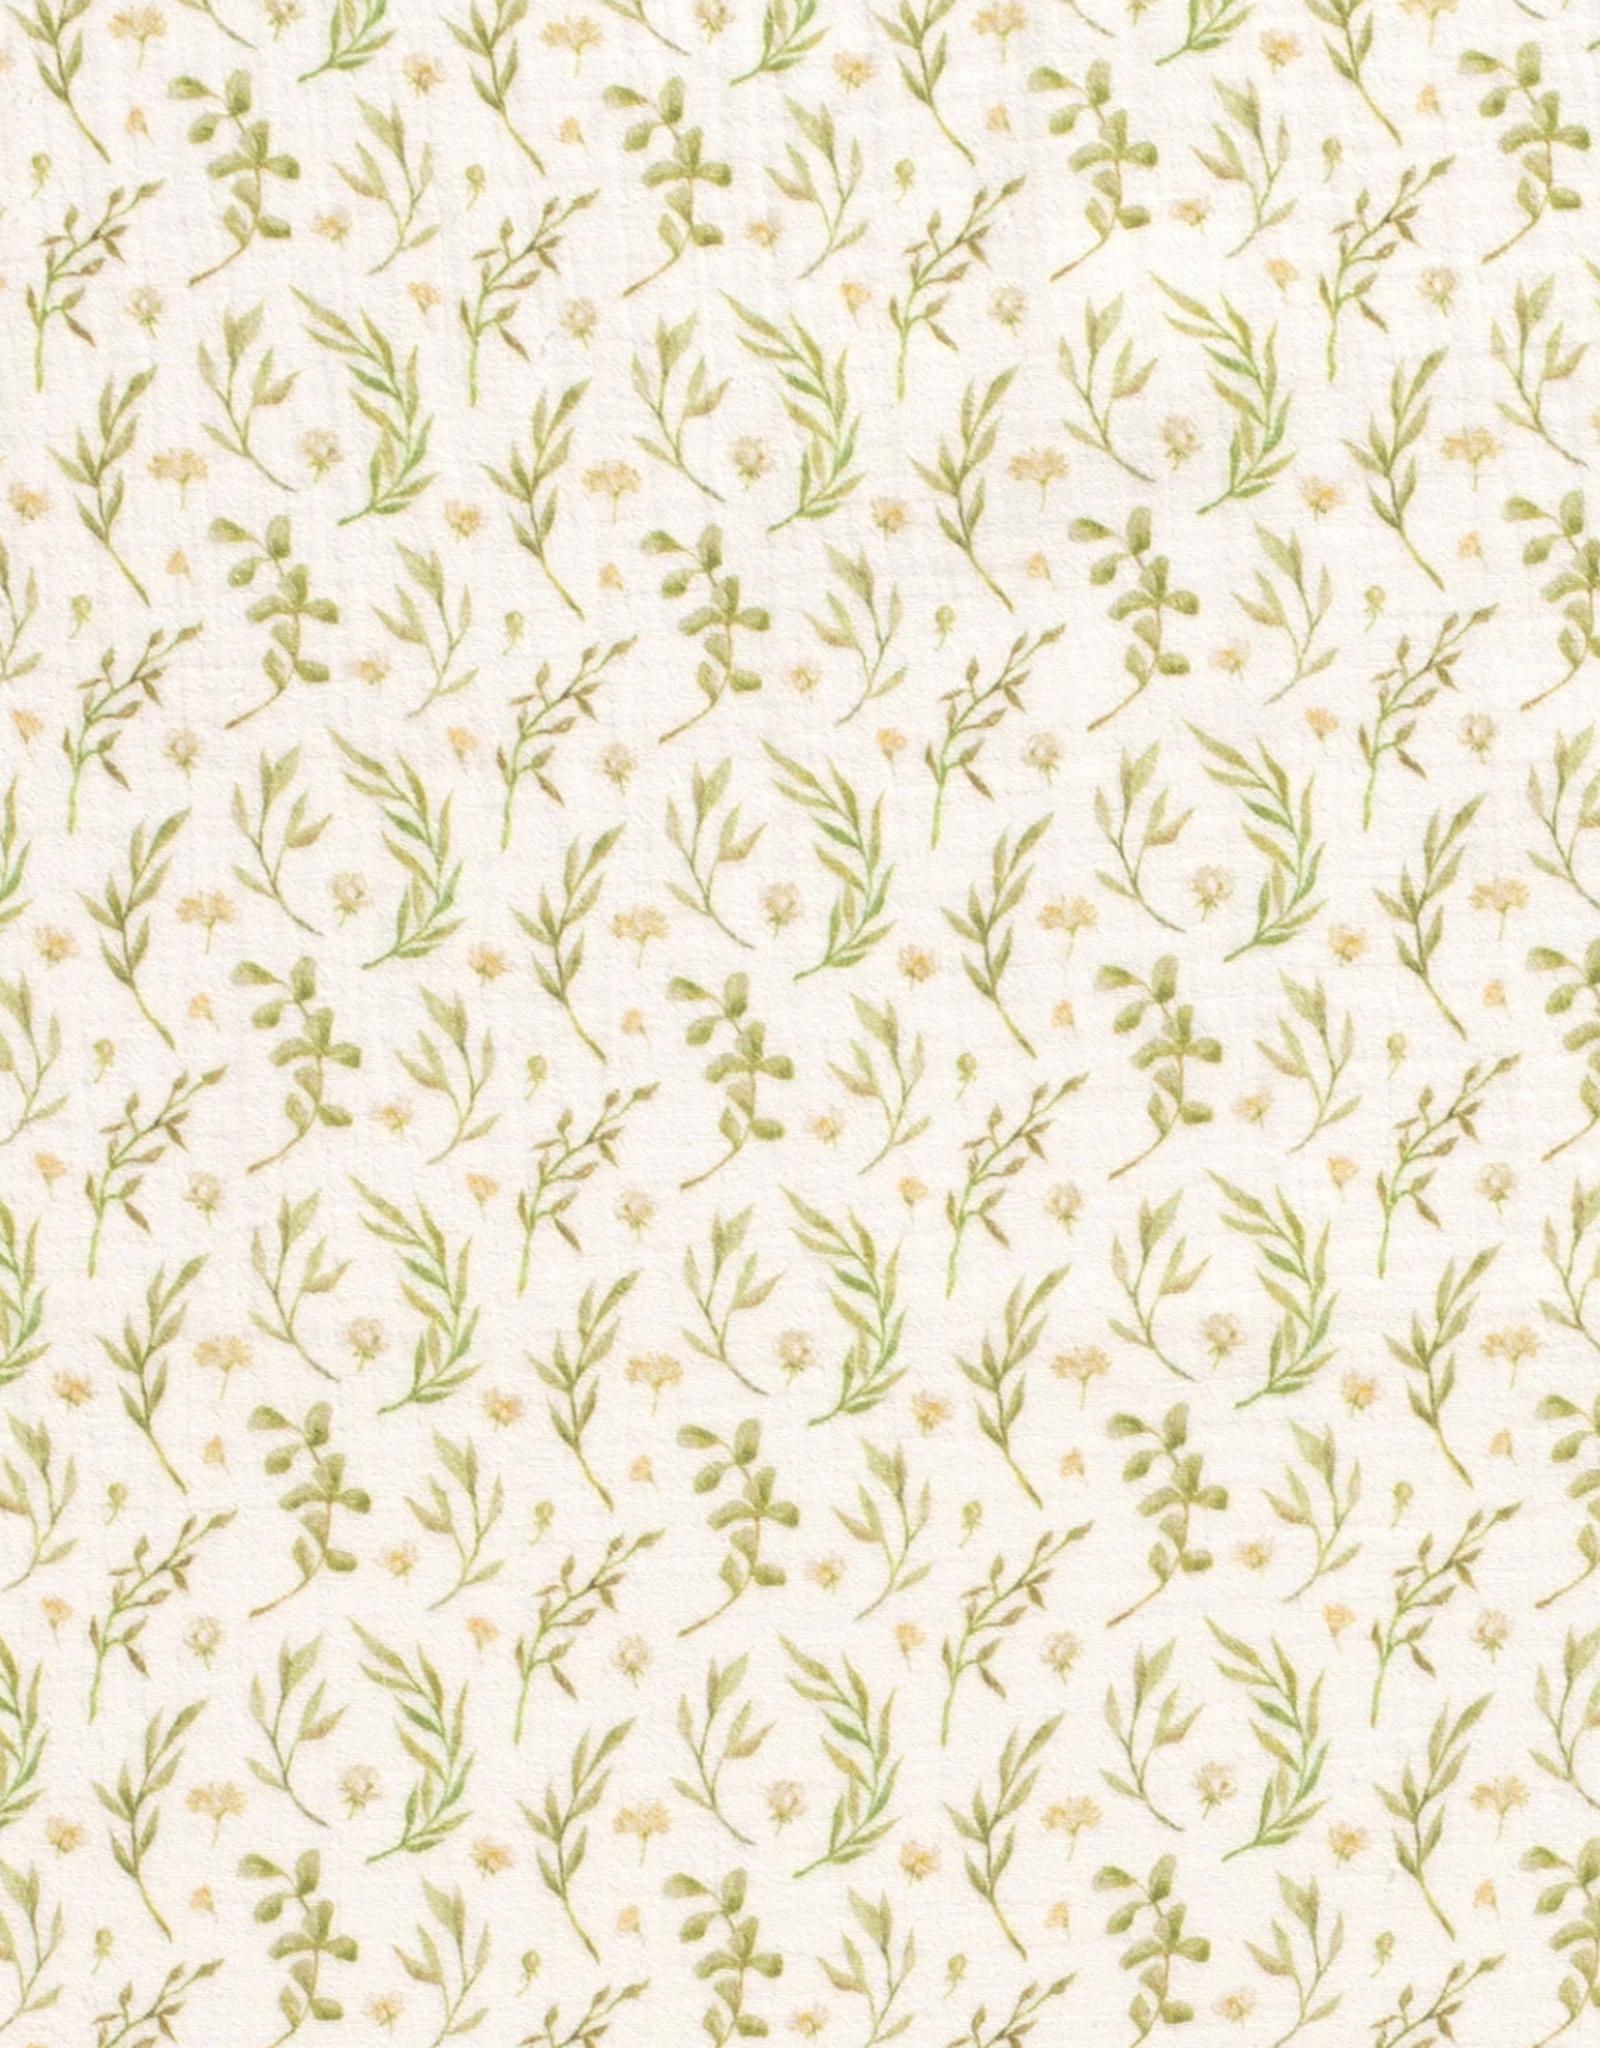 Tetra - Digi Leaves Off White